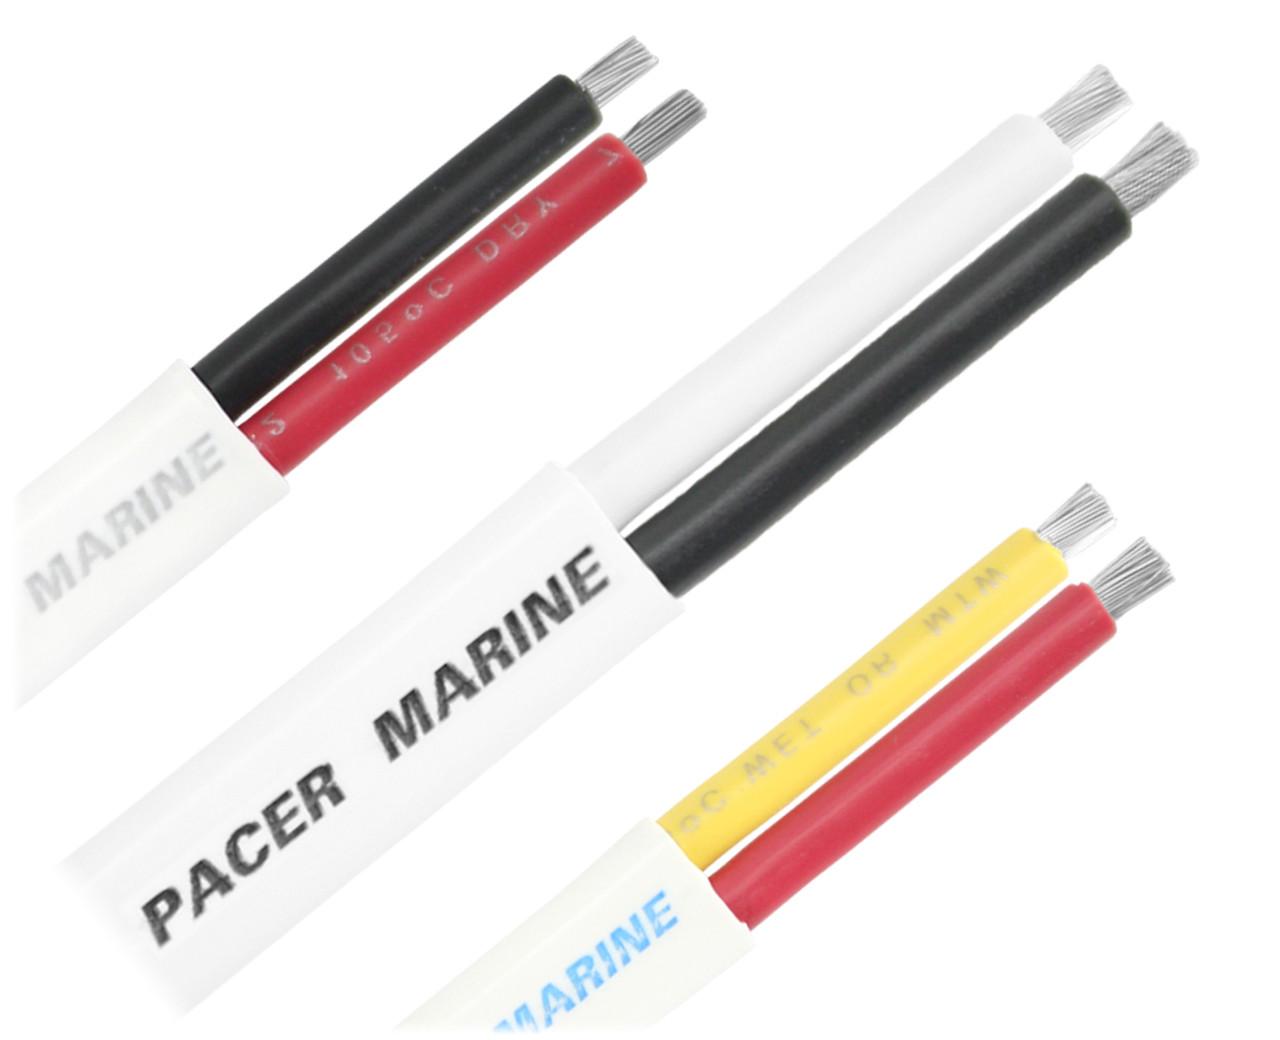 10 Gauge Tinned Marine Primary Wire 50 Foot Reel Black